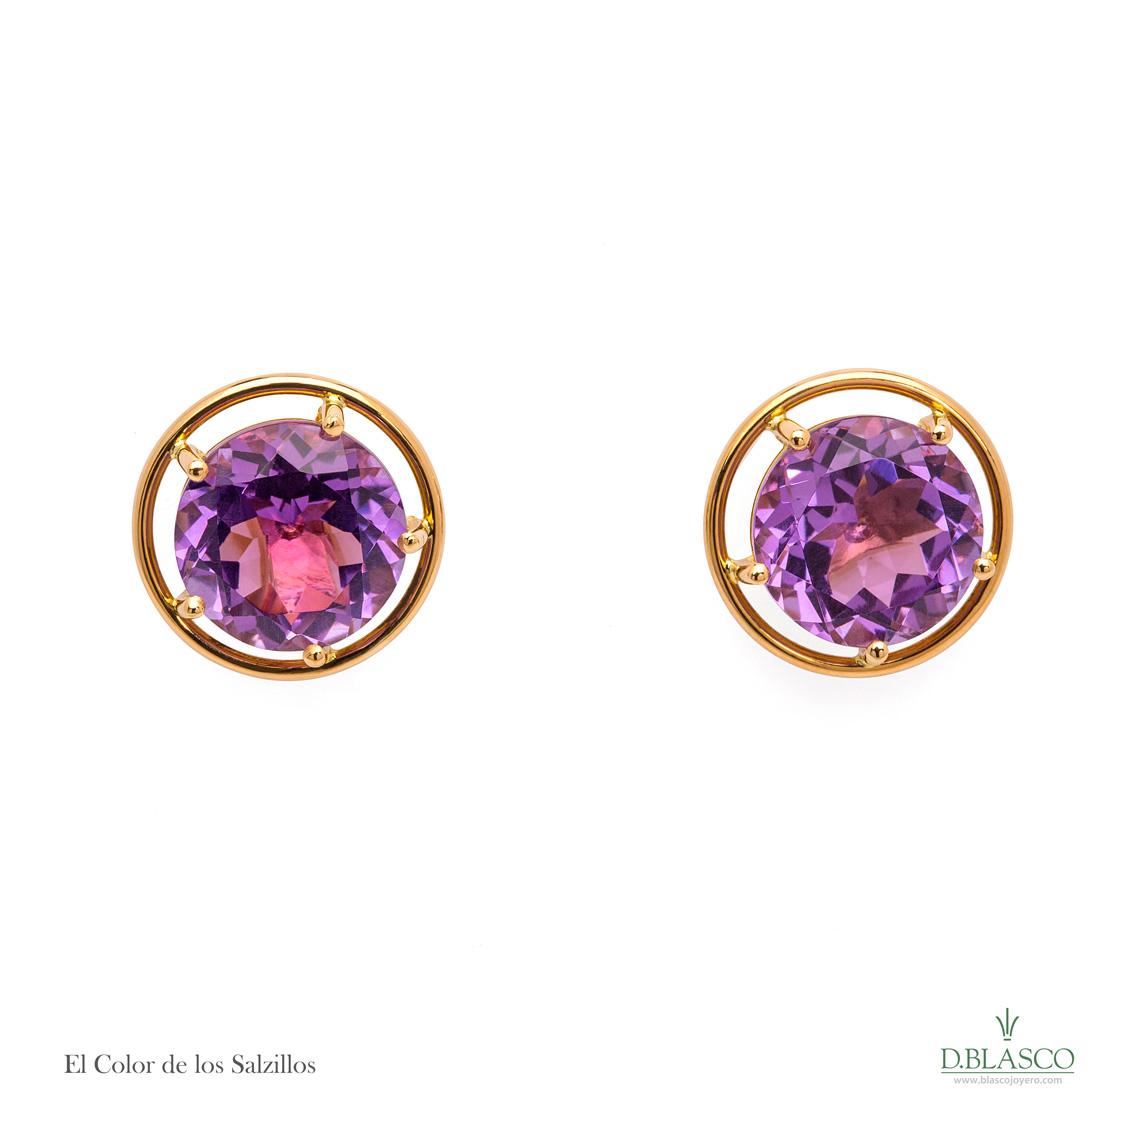 anillo-el-Color-de-los-Salzillos-WEB